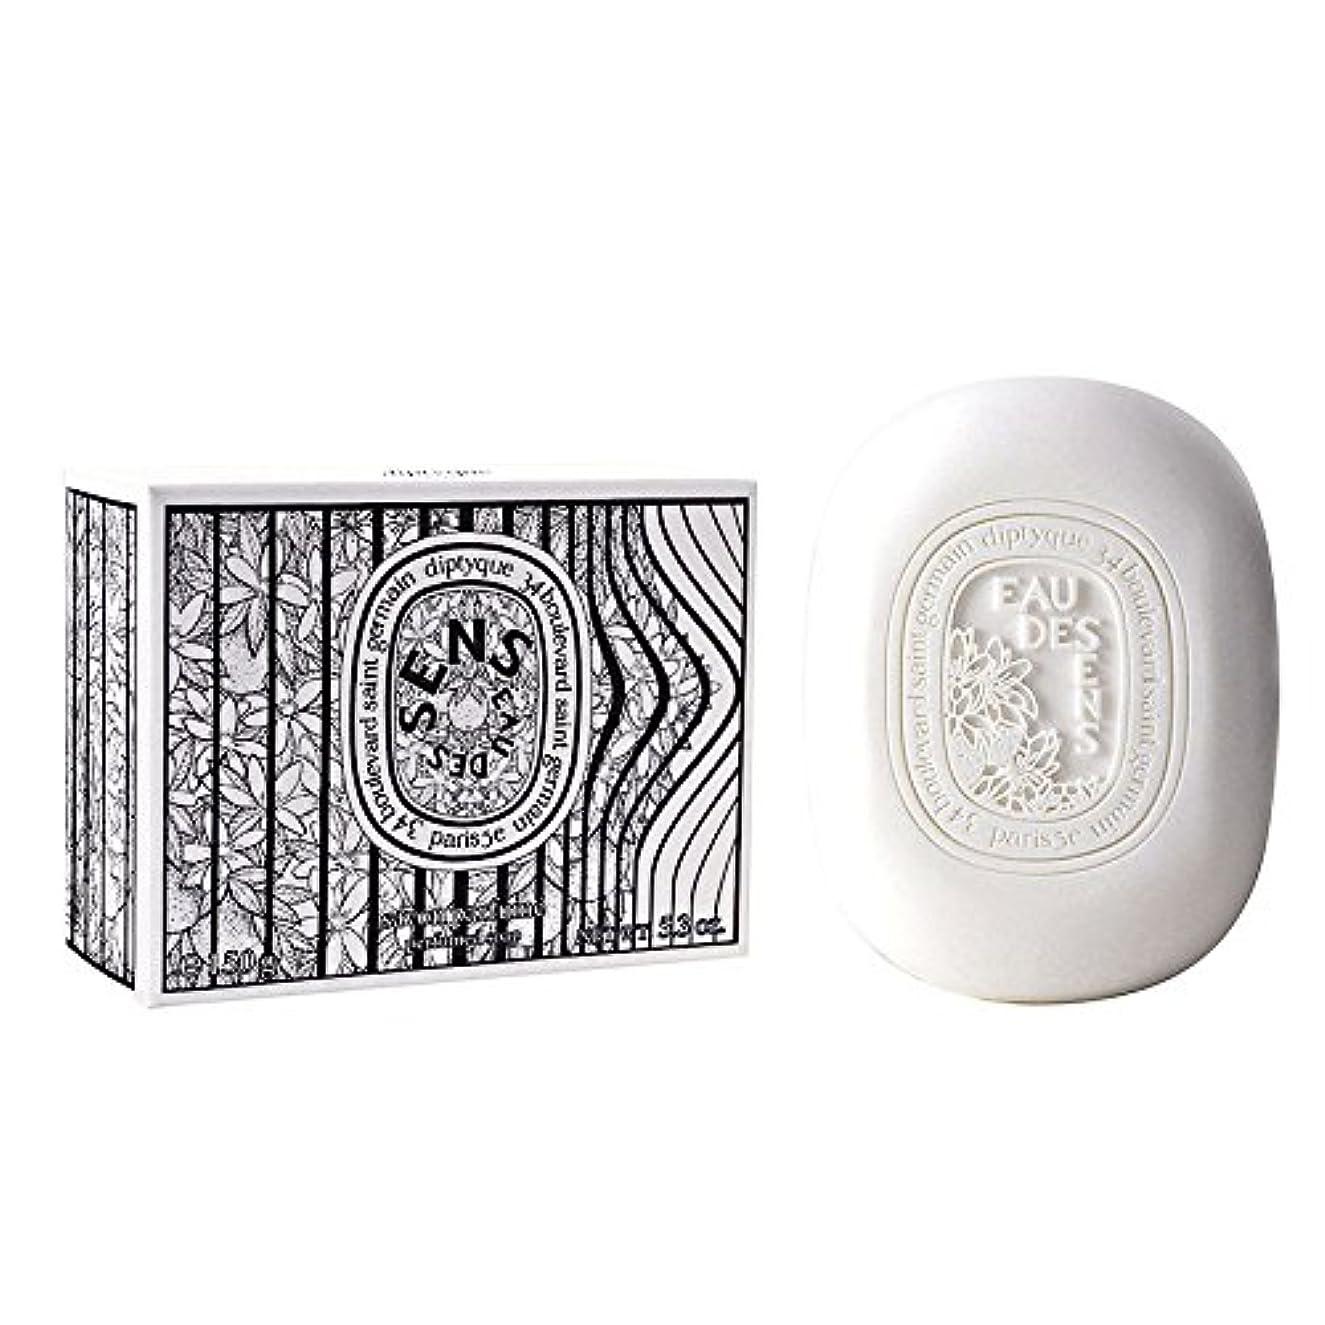 離す形成彫刻家Diptyque Eau Des Sens (ディプティック オー デ センス) 150g Soap (石けん) for Women